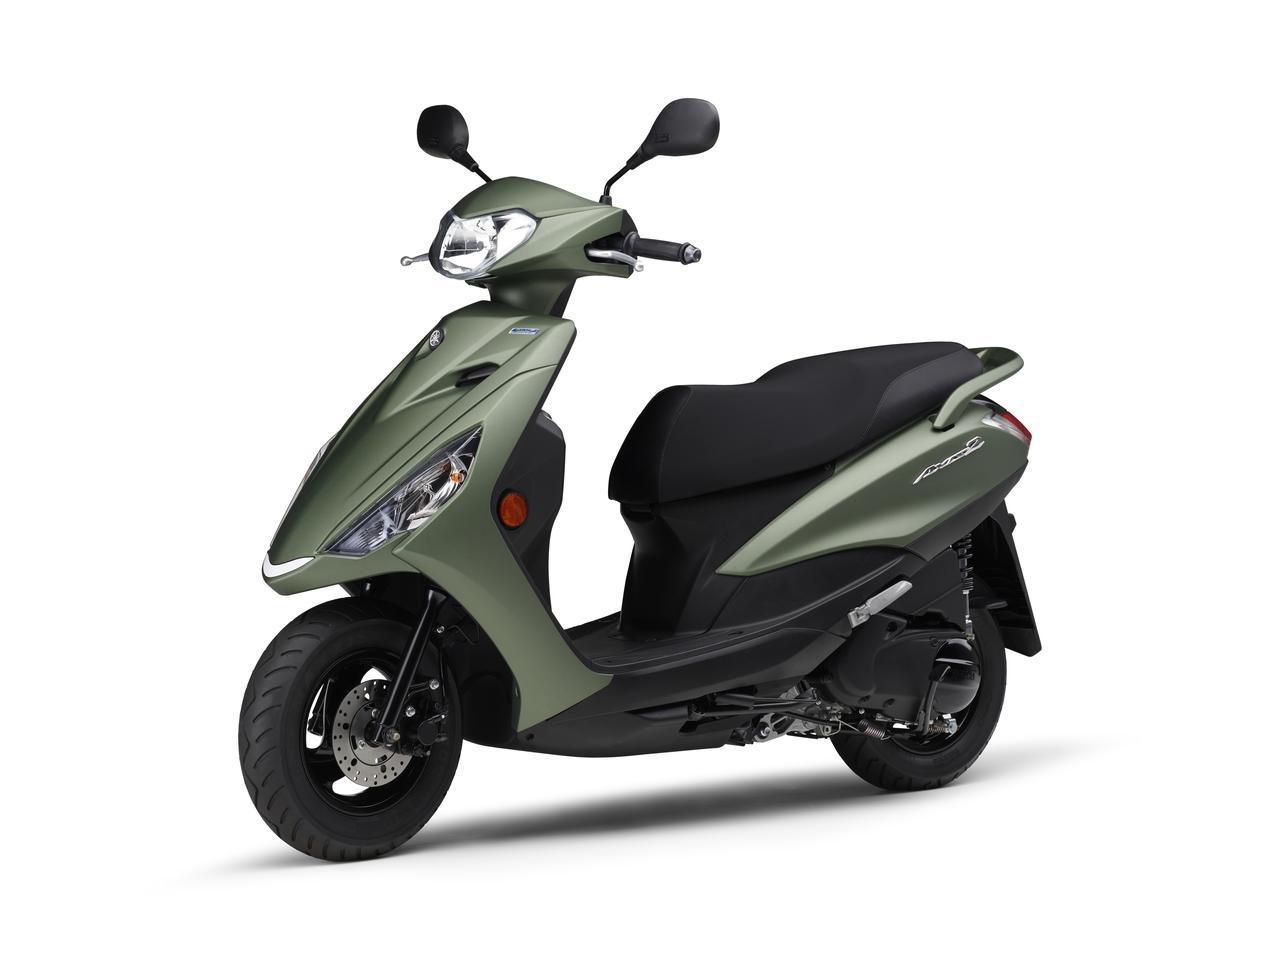 画像4: ヤマハが125ccスクーター「アクシスZ」の2021年モデルを発表! カラーは全5色設定で2月5日に発売